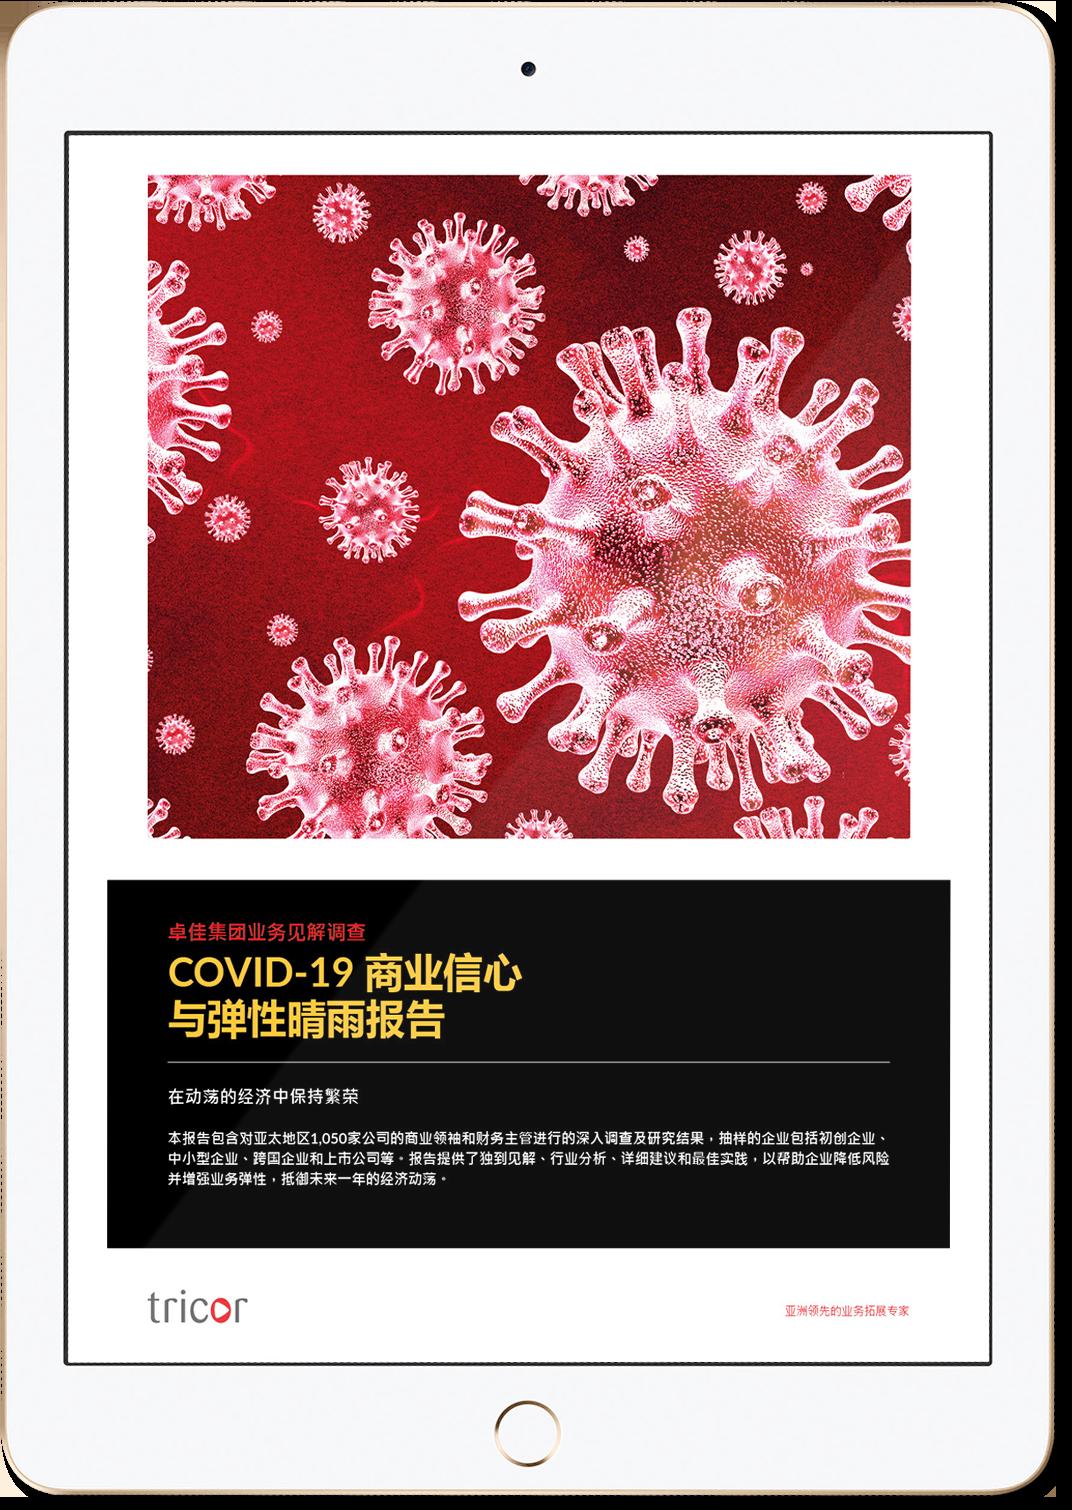 COVID-19商業信心與彈性晴雨報告